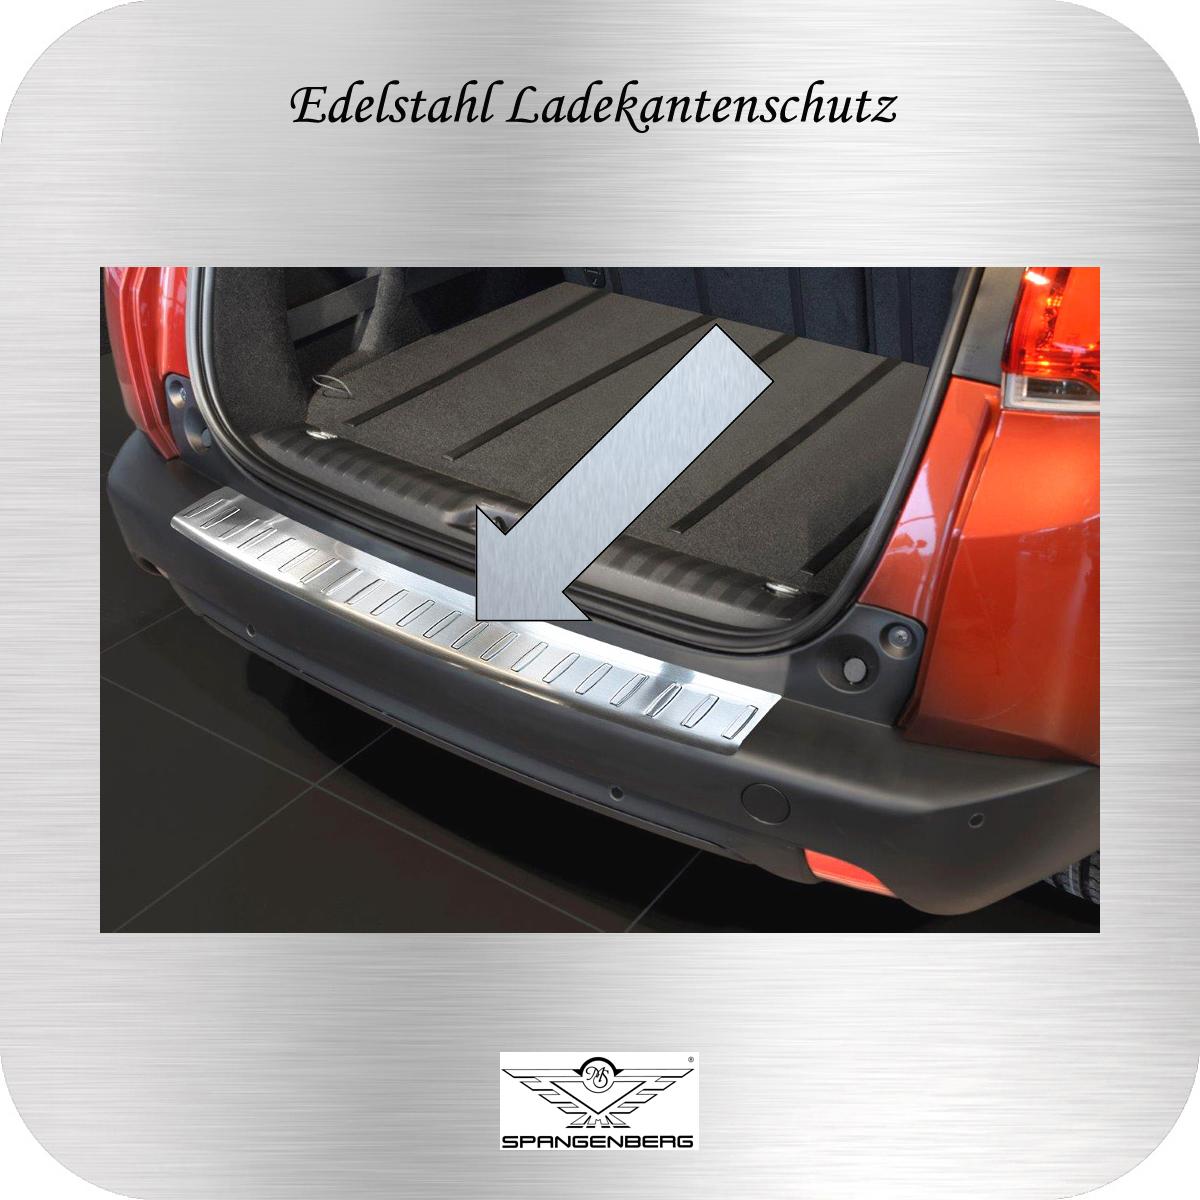 Ladekantenschutz Edelstahl Peugeot 2008 Crossover SUV Kombi 2013- 3235993